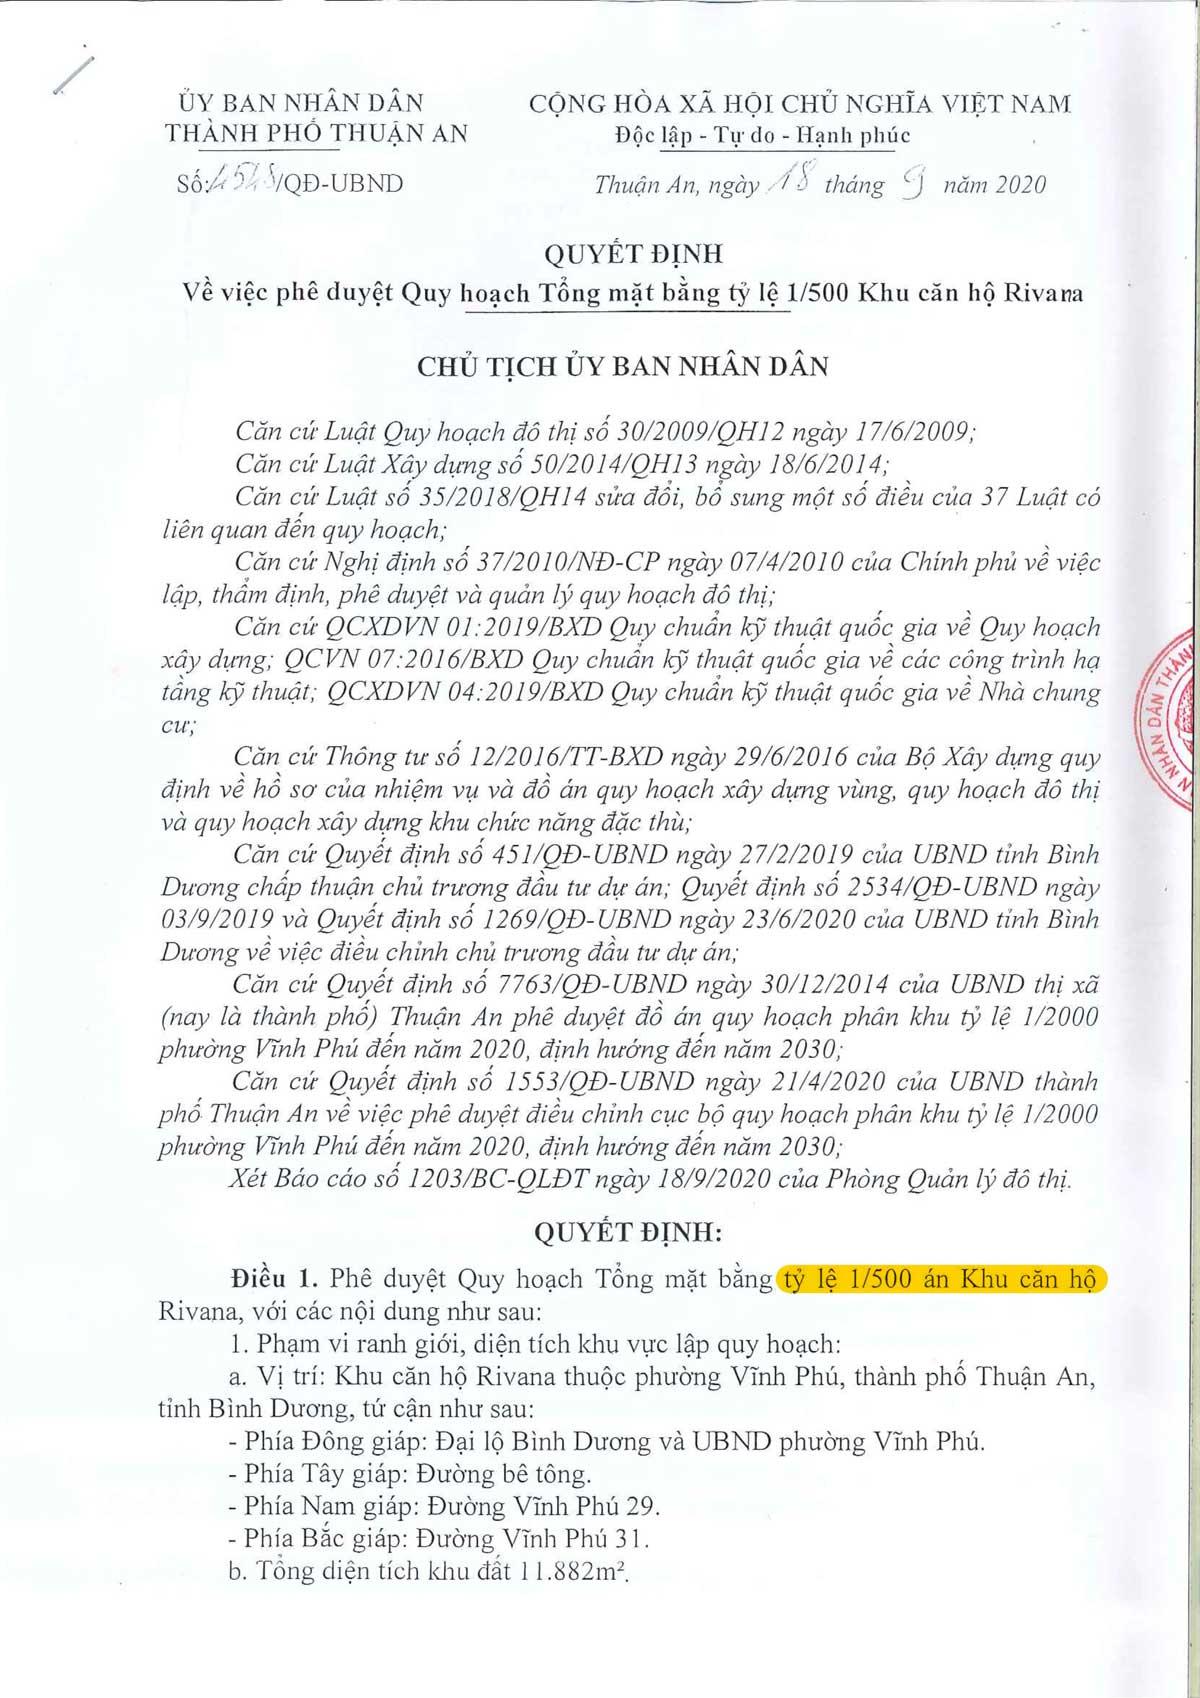 Phe duyet Quy hoach 1 phan 500 Du an The Rivana - CĂN HỘ THE RIVANA BÌNH DƯƠNG